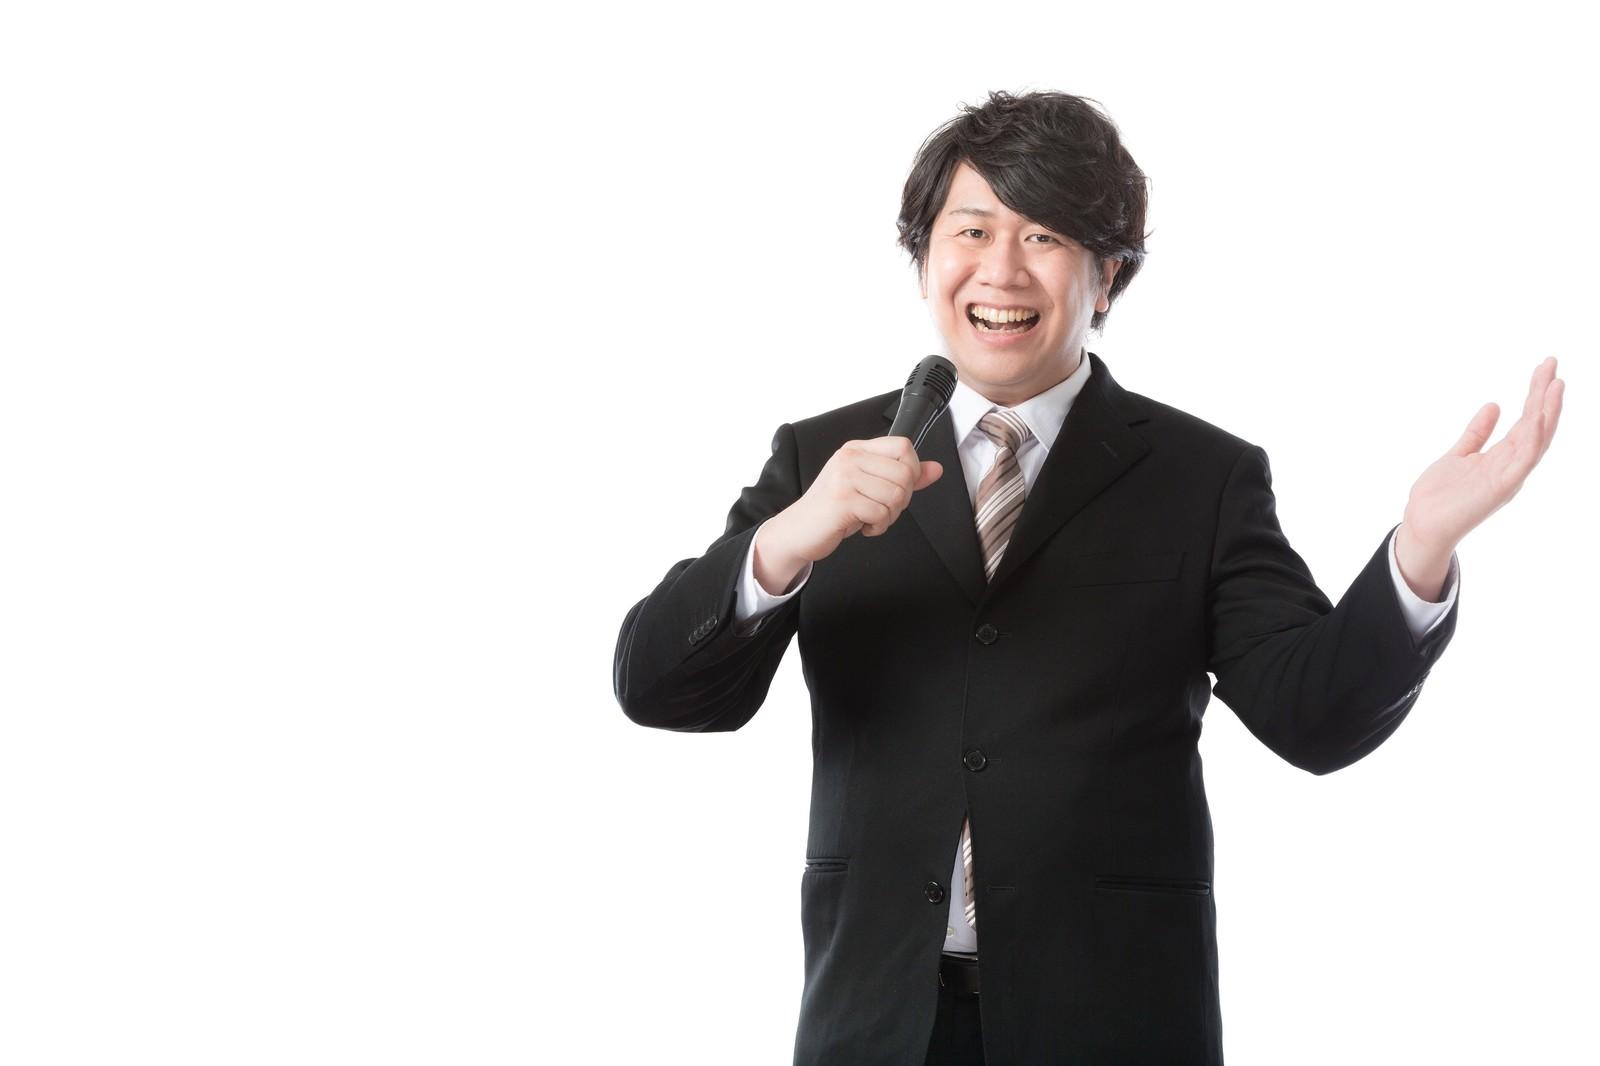 「金利・手数料は日本エコシステムが負担します」モデルの可能性